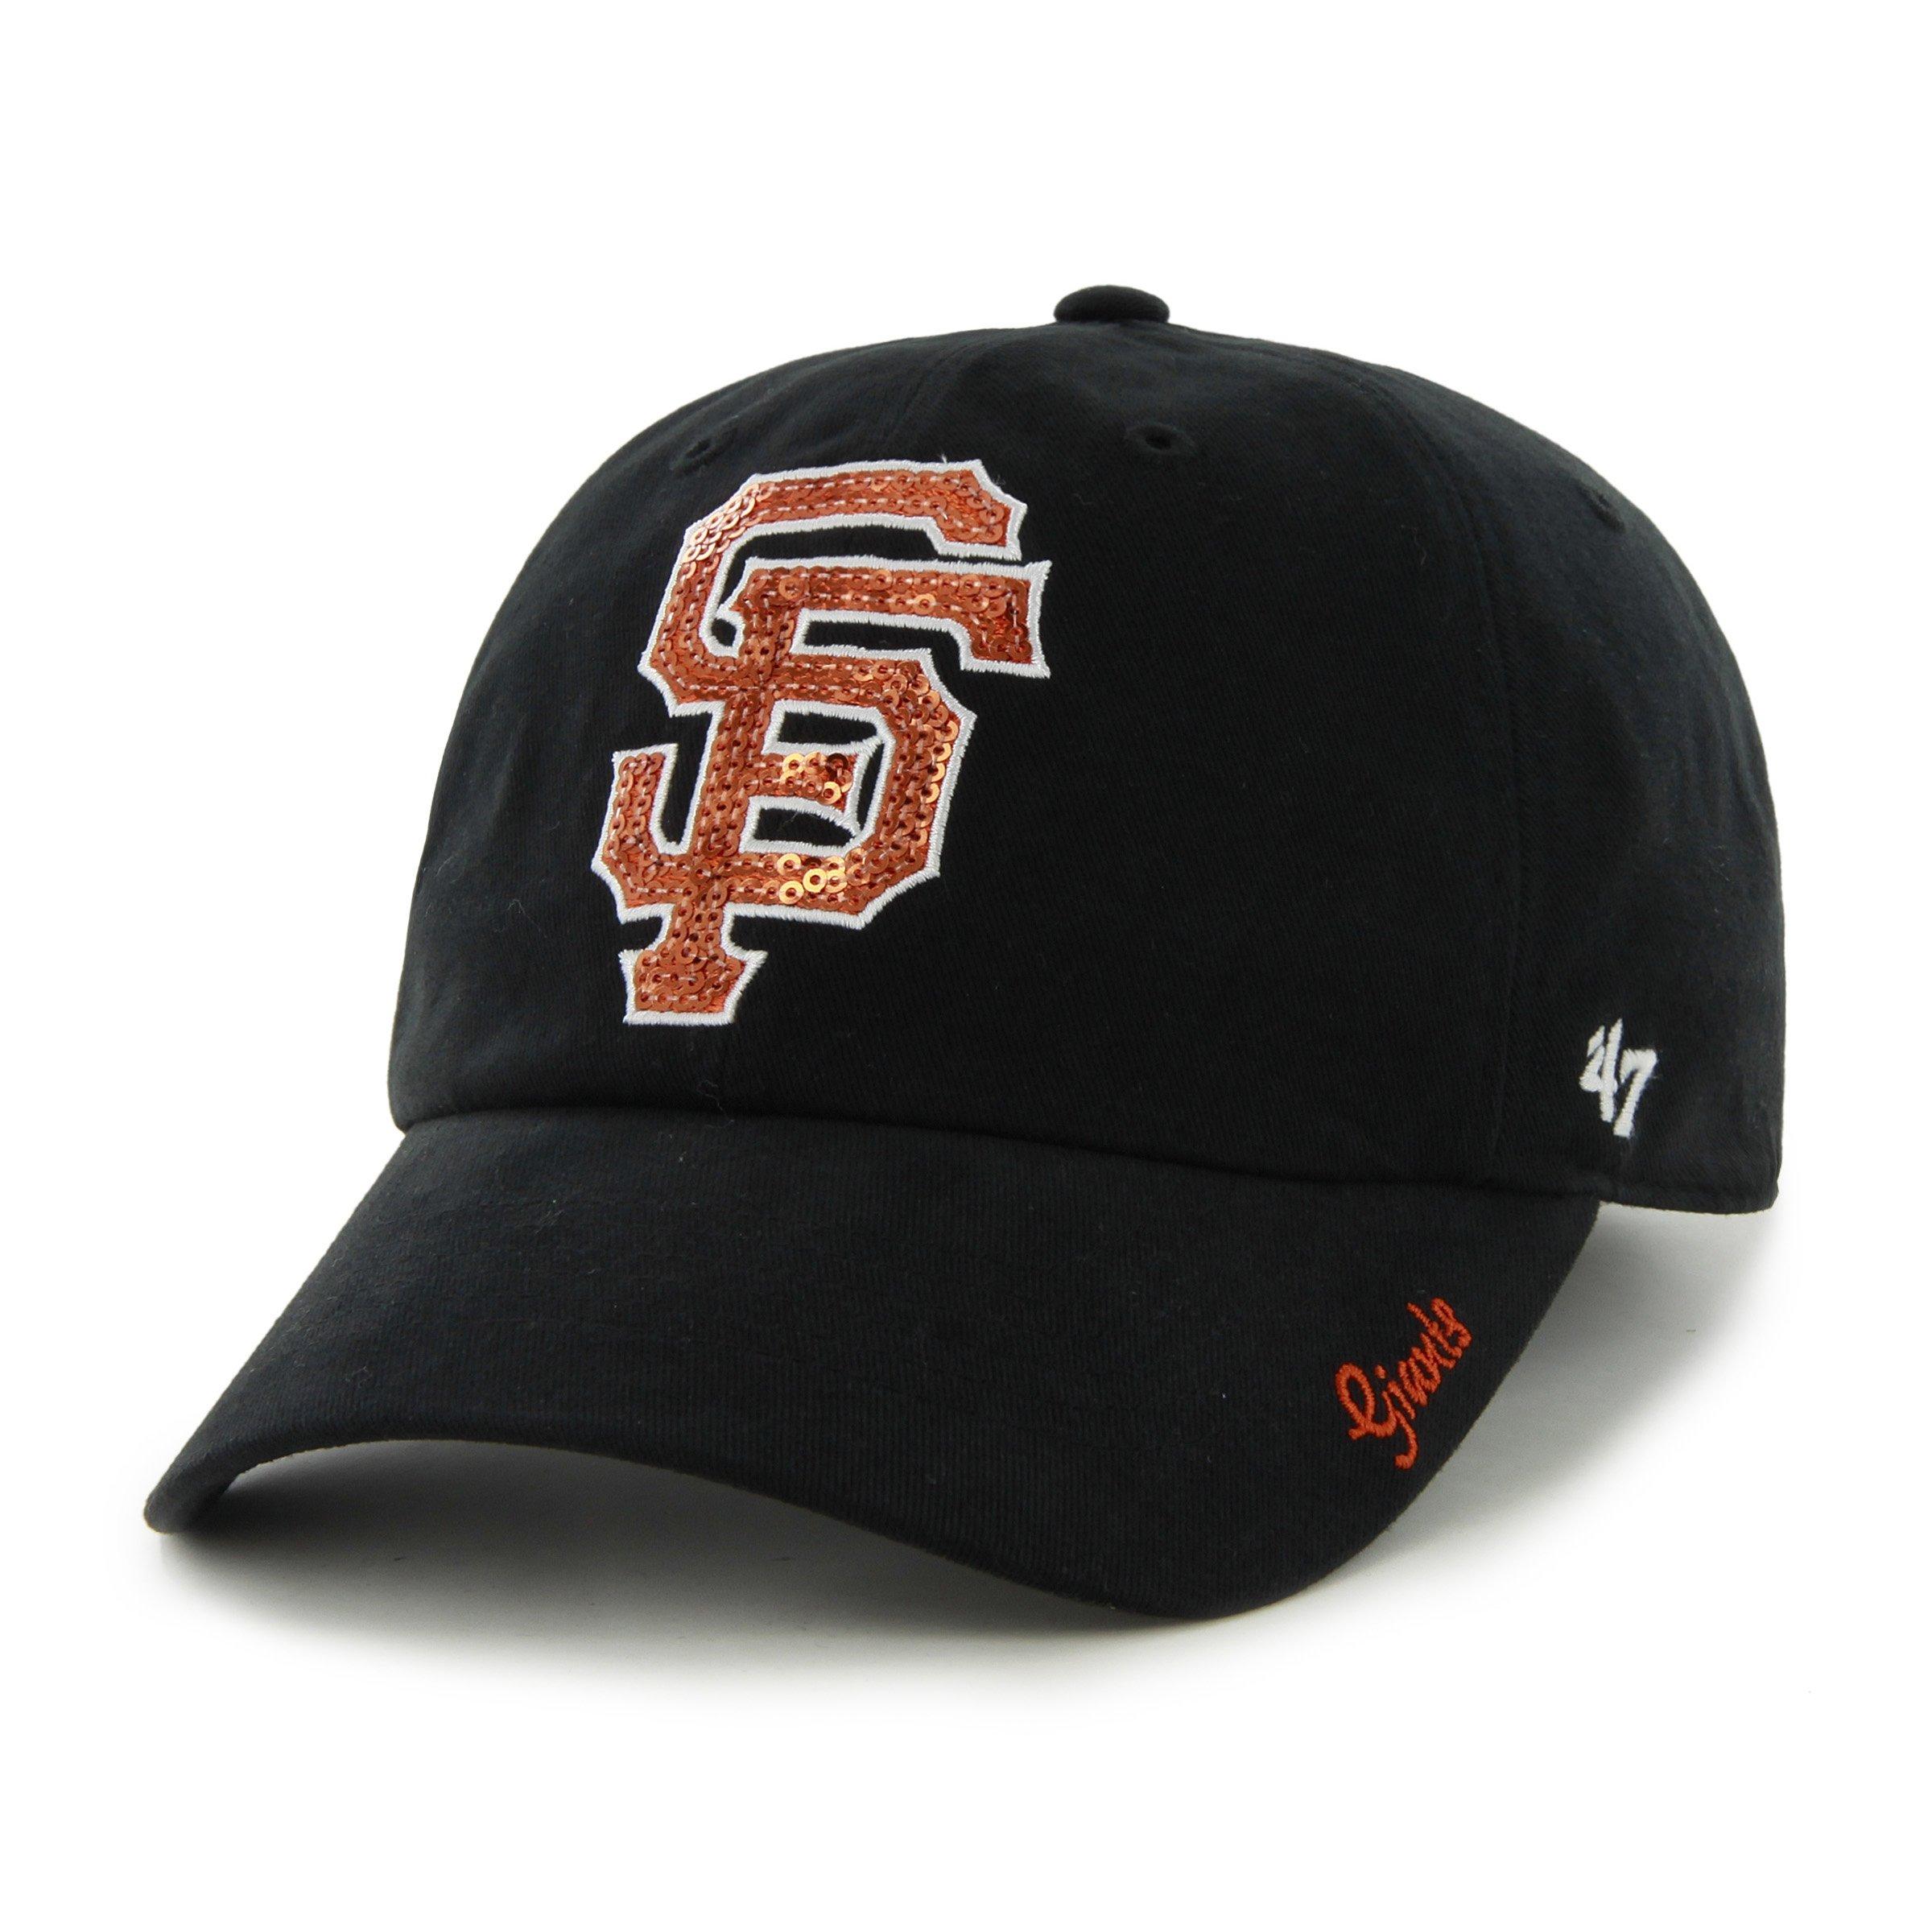 MLB San Francisco Giants Women's Sparkle Team Color Cap, One-Size, Black